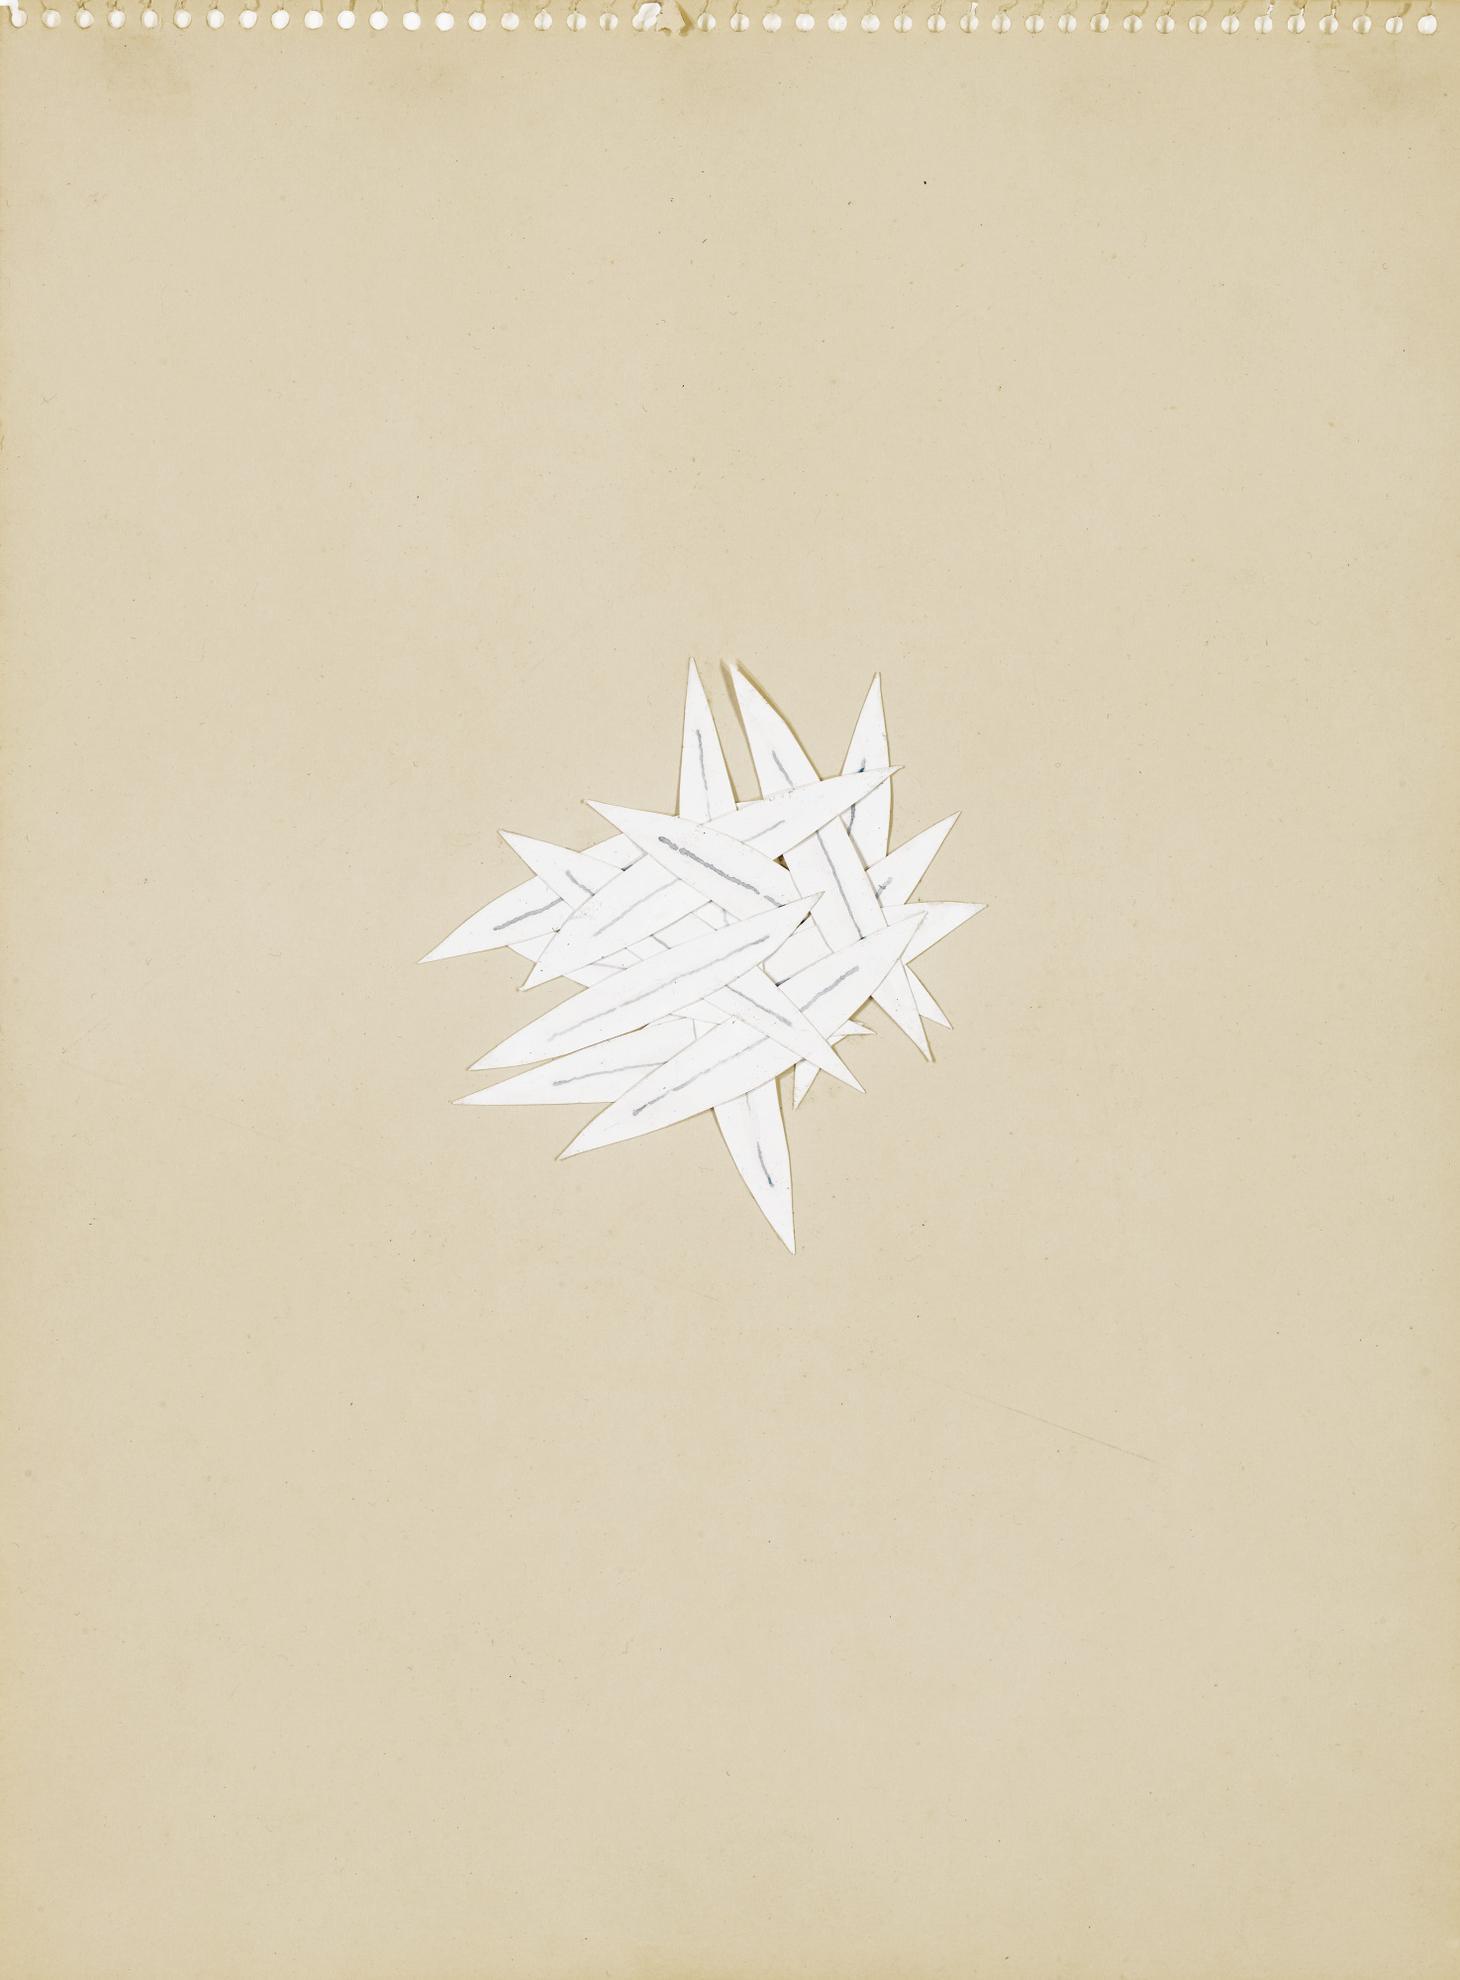 Richard Tuttle-Untitled-1971